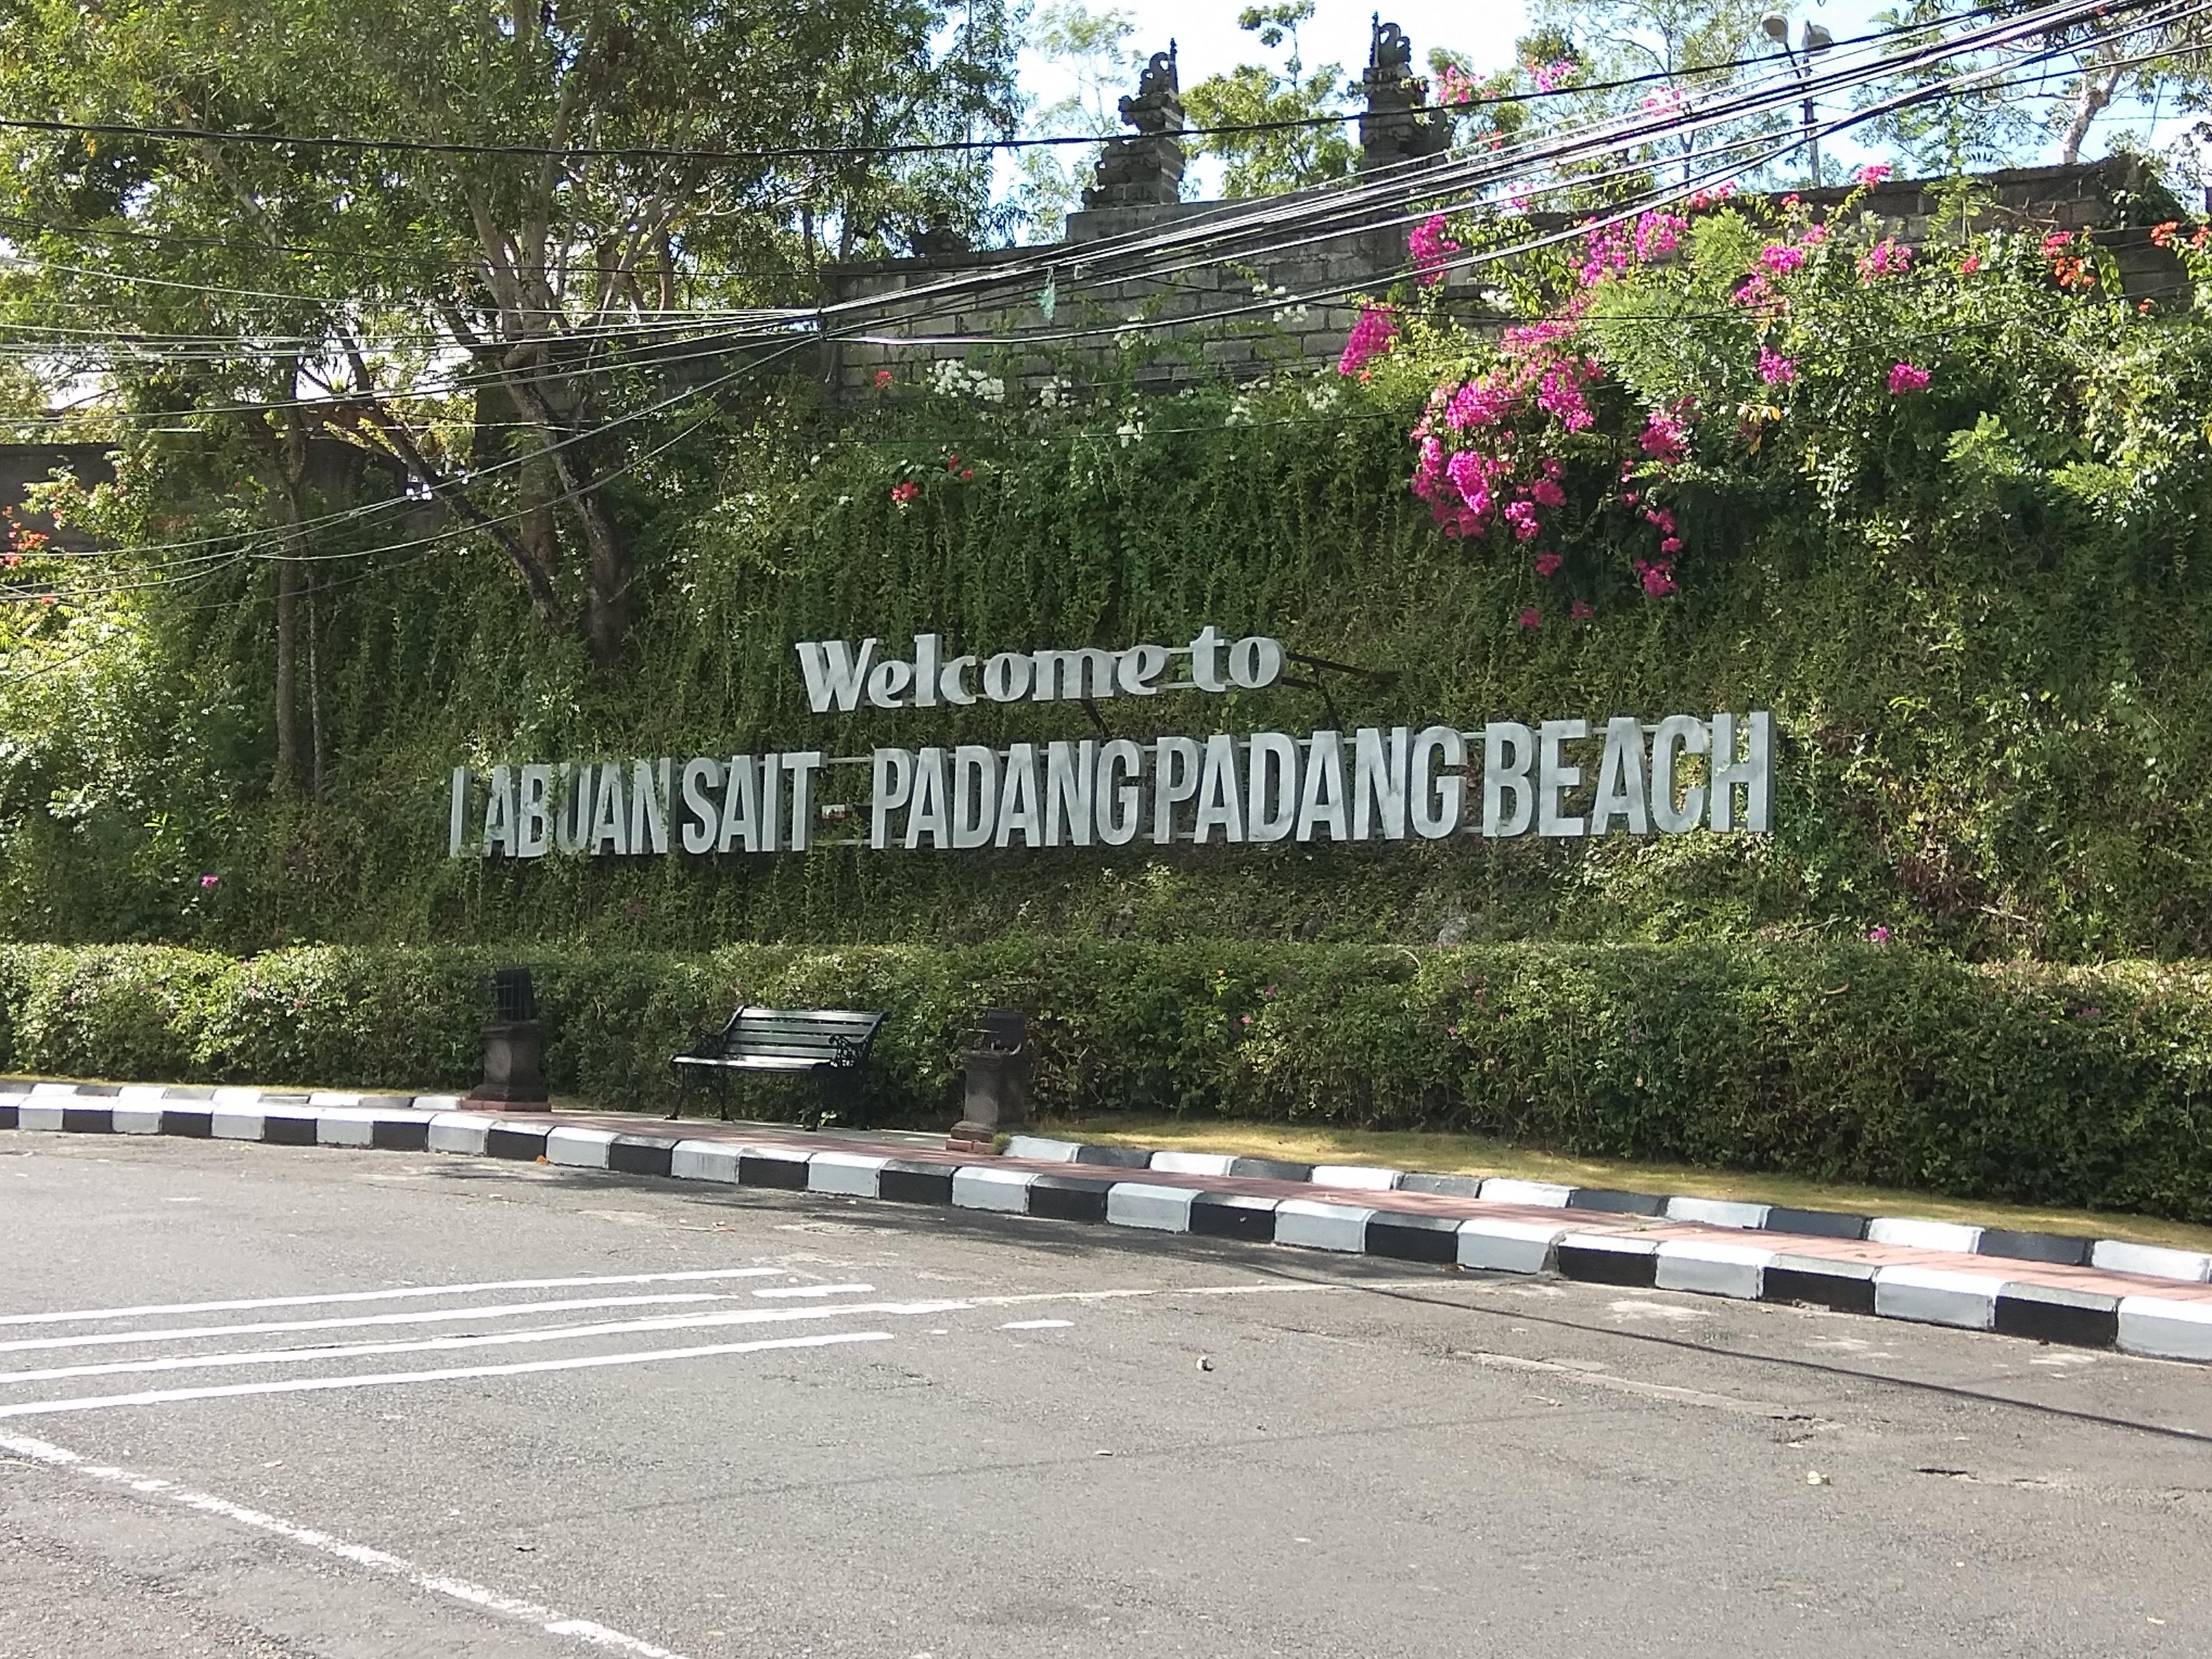 パダンパダンビーチの入り口はこのサイン目印。